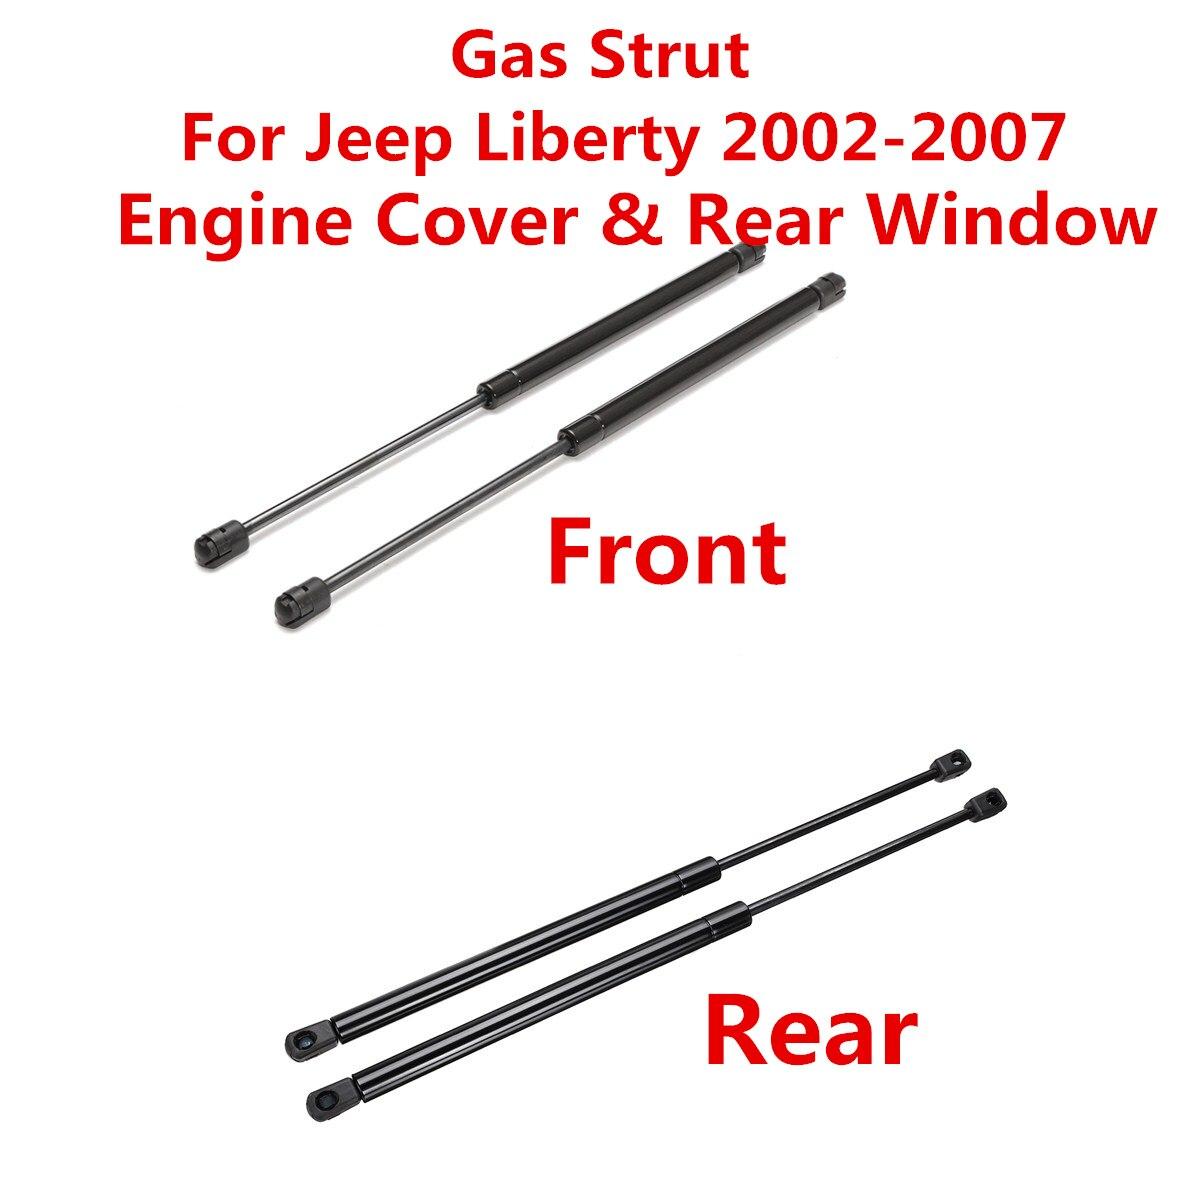 Avant de voiture Capot Moteur Arrière lève-vitre Chocs Soutient Entretoises Barre Ressorts À Gaz Pour Jeep Liberty 2002 2003 2004 2005-2007